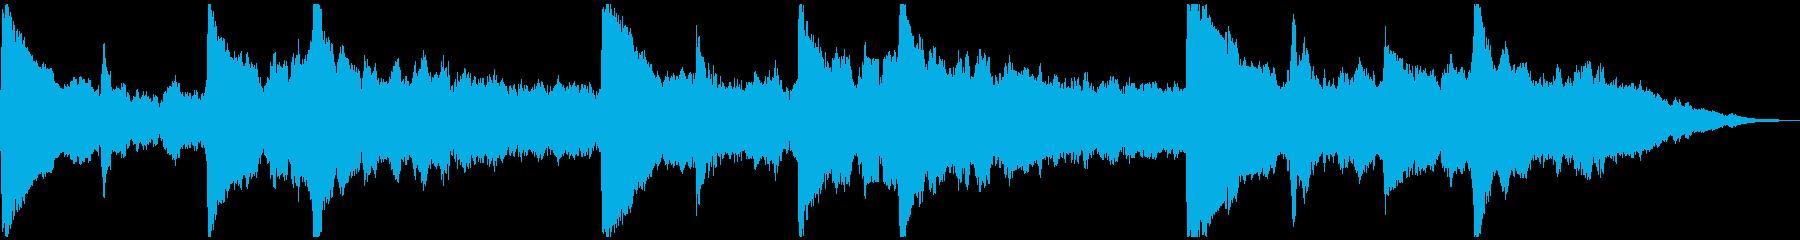 5秒CM用、サウンドロゴverBの再生済みの波形